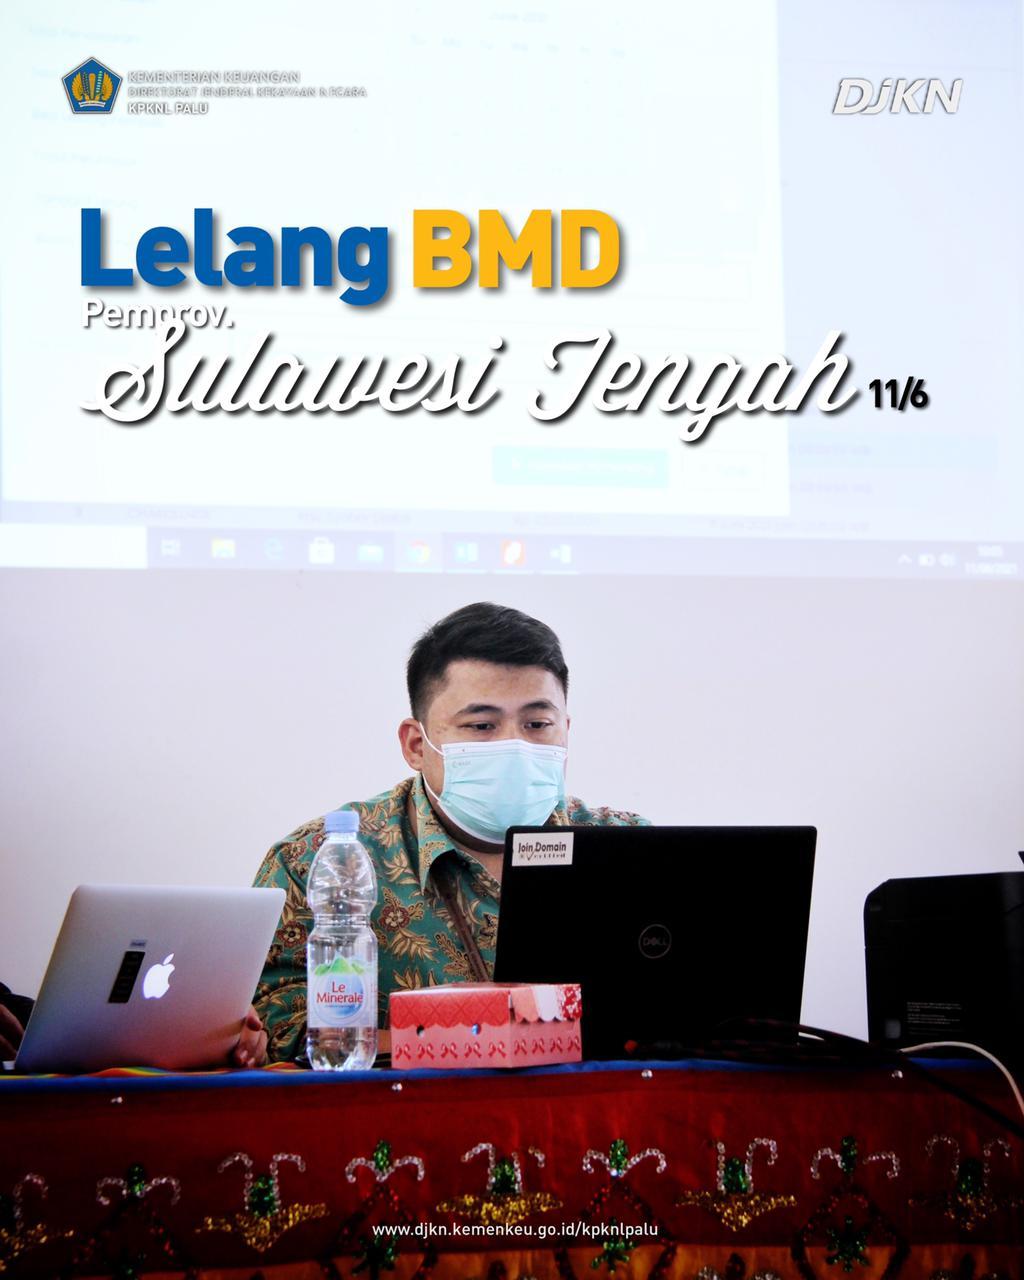 KPKNL Palu Berhasil Setor PNBP dari Lelang Aset Pemprov Sulawesi Tengah